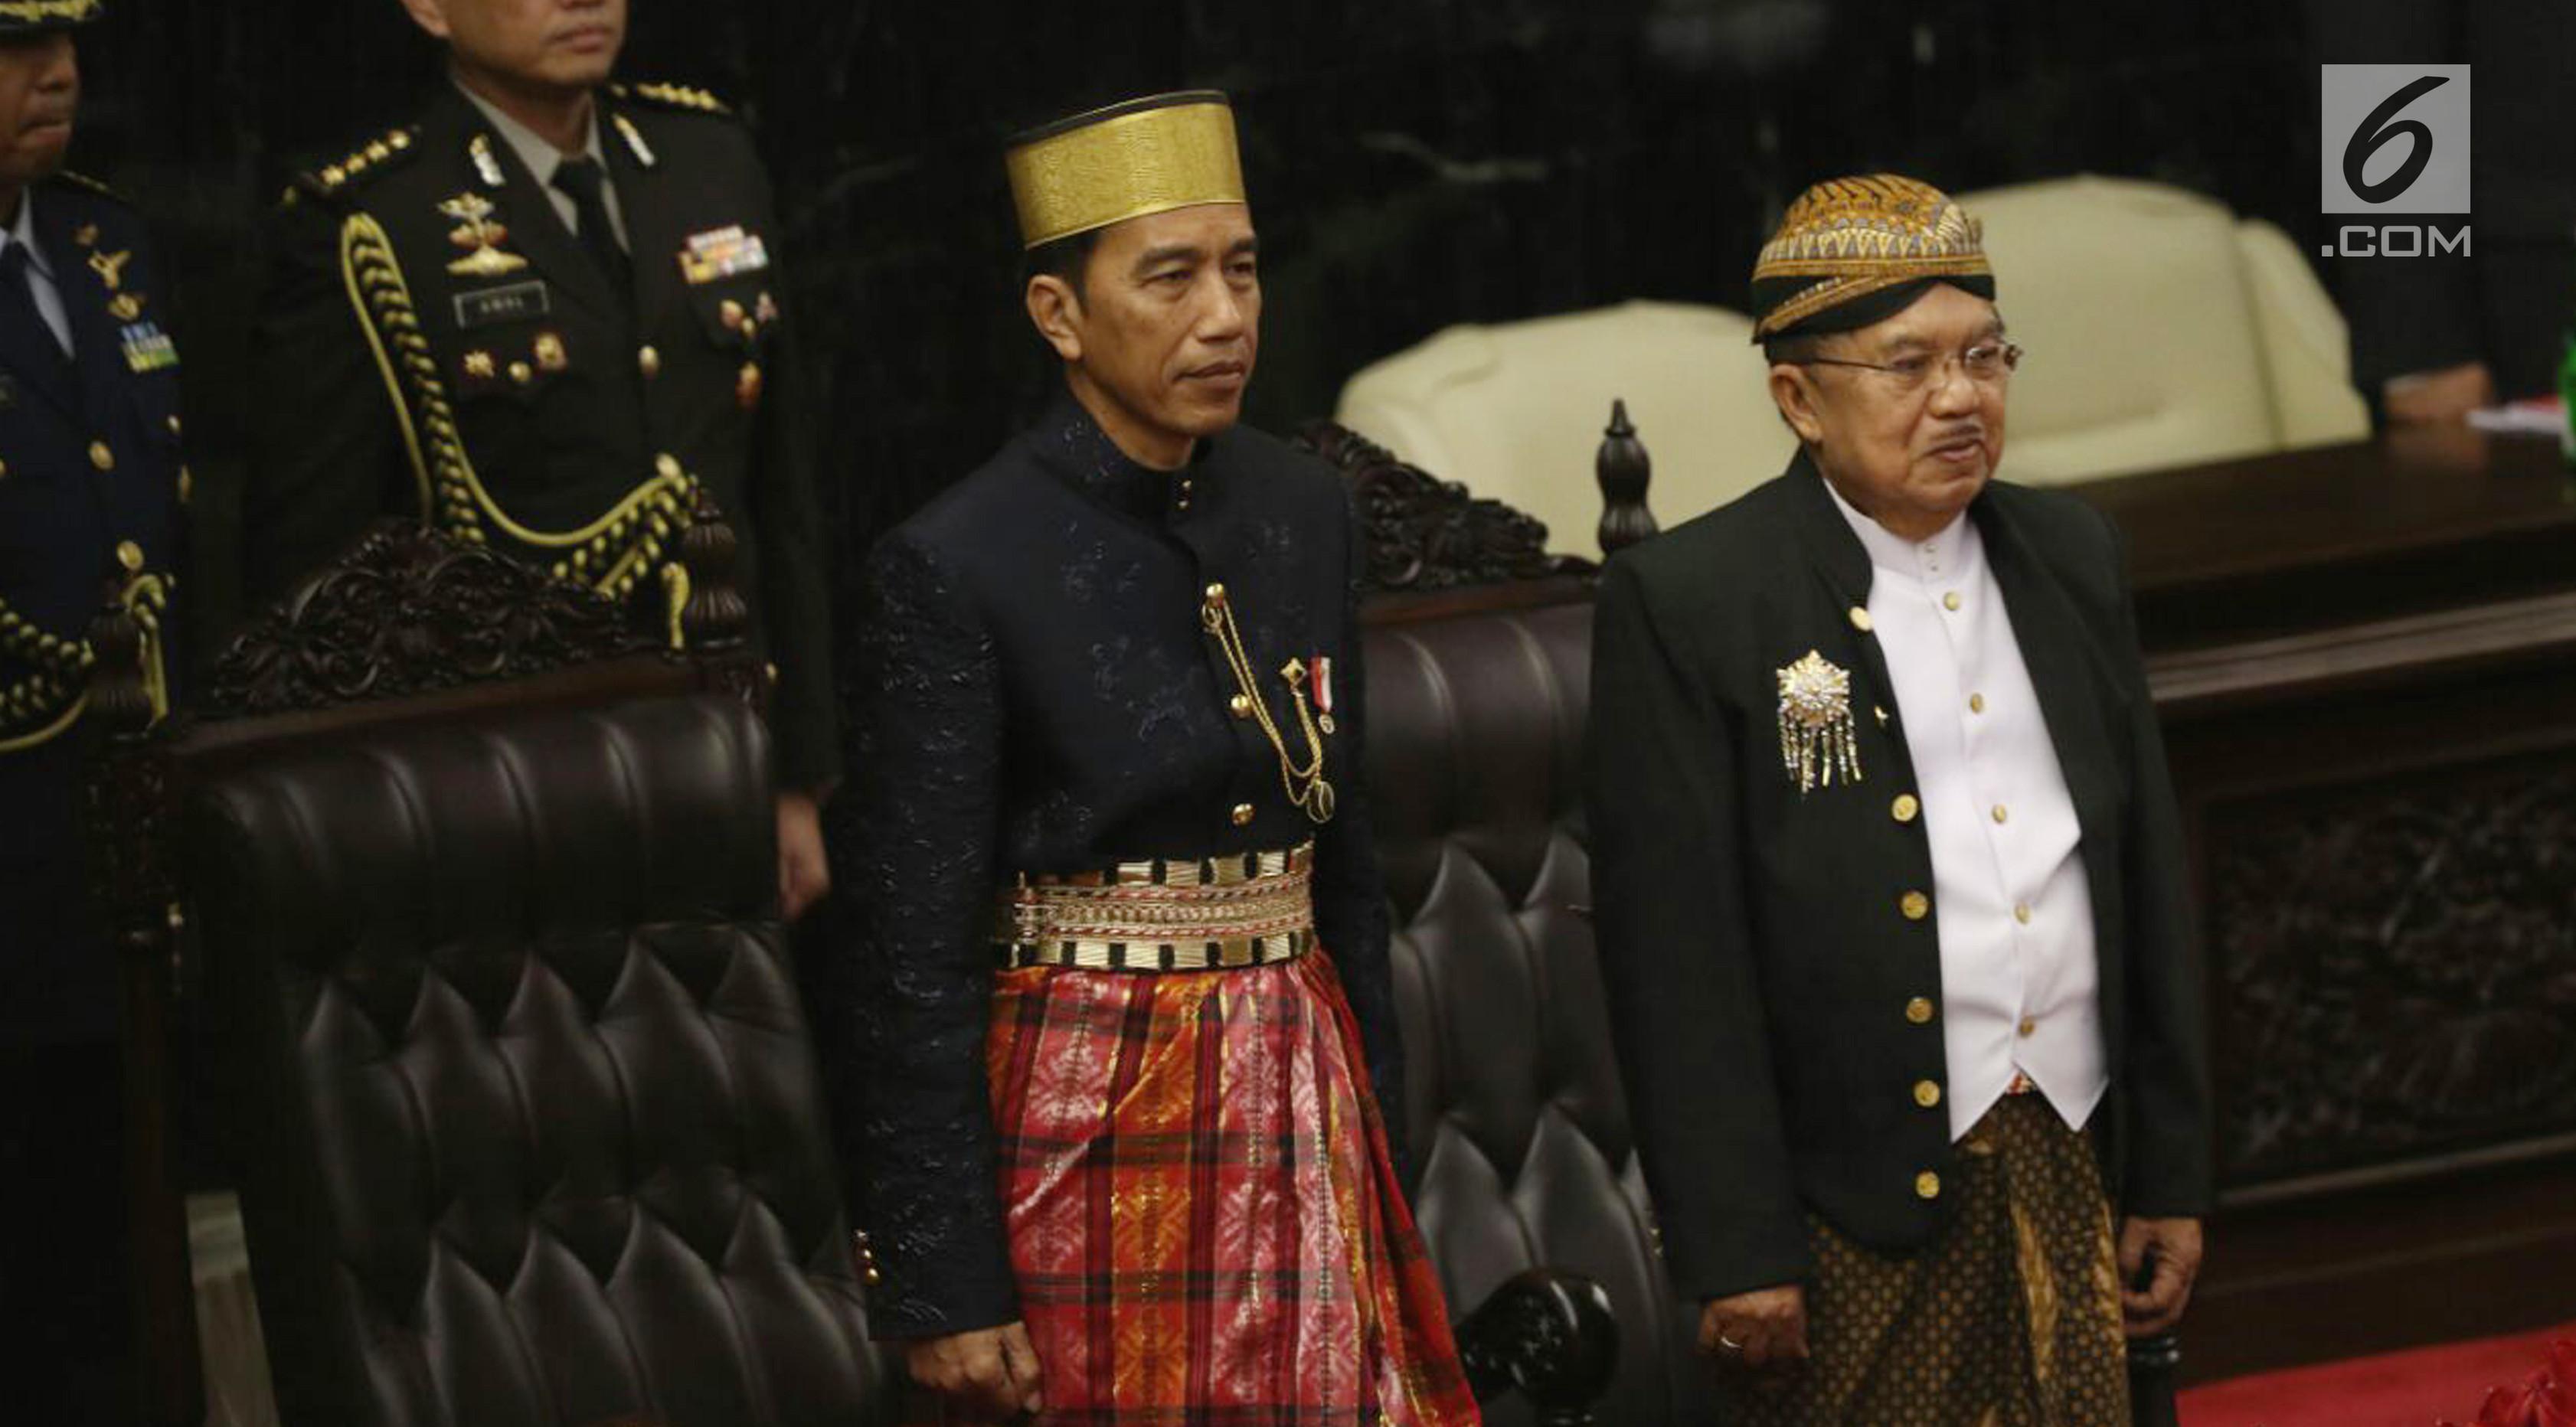 Makna di Balik Pakaian Adat Bugis Makassar Presiden Joko Widodo